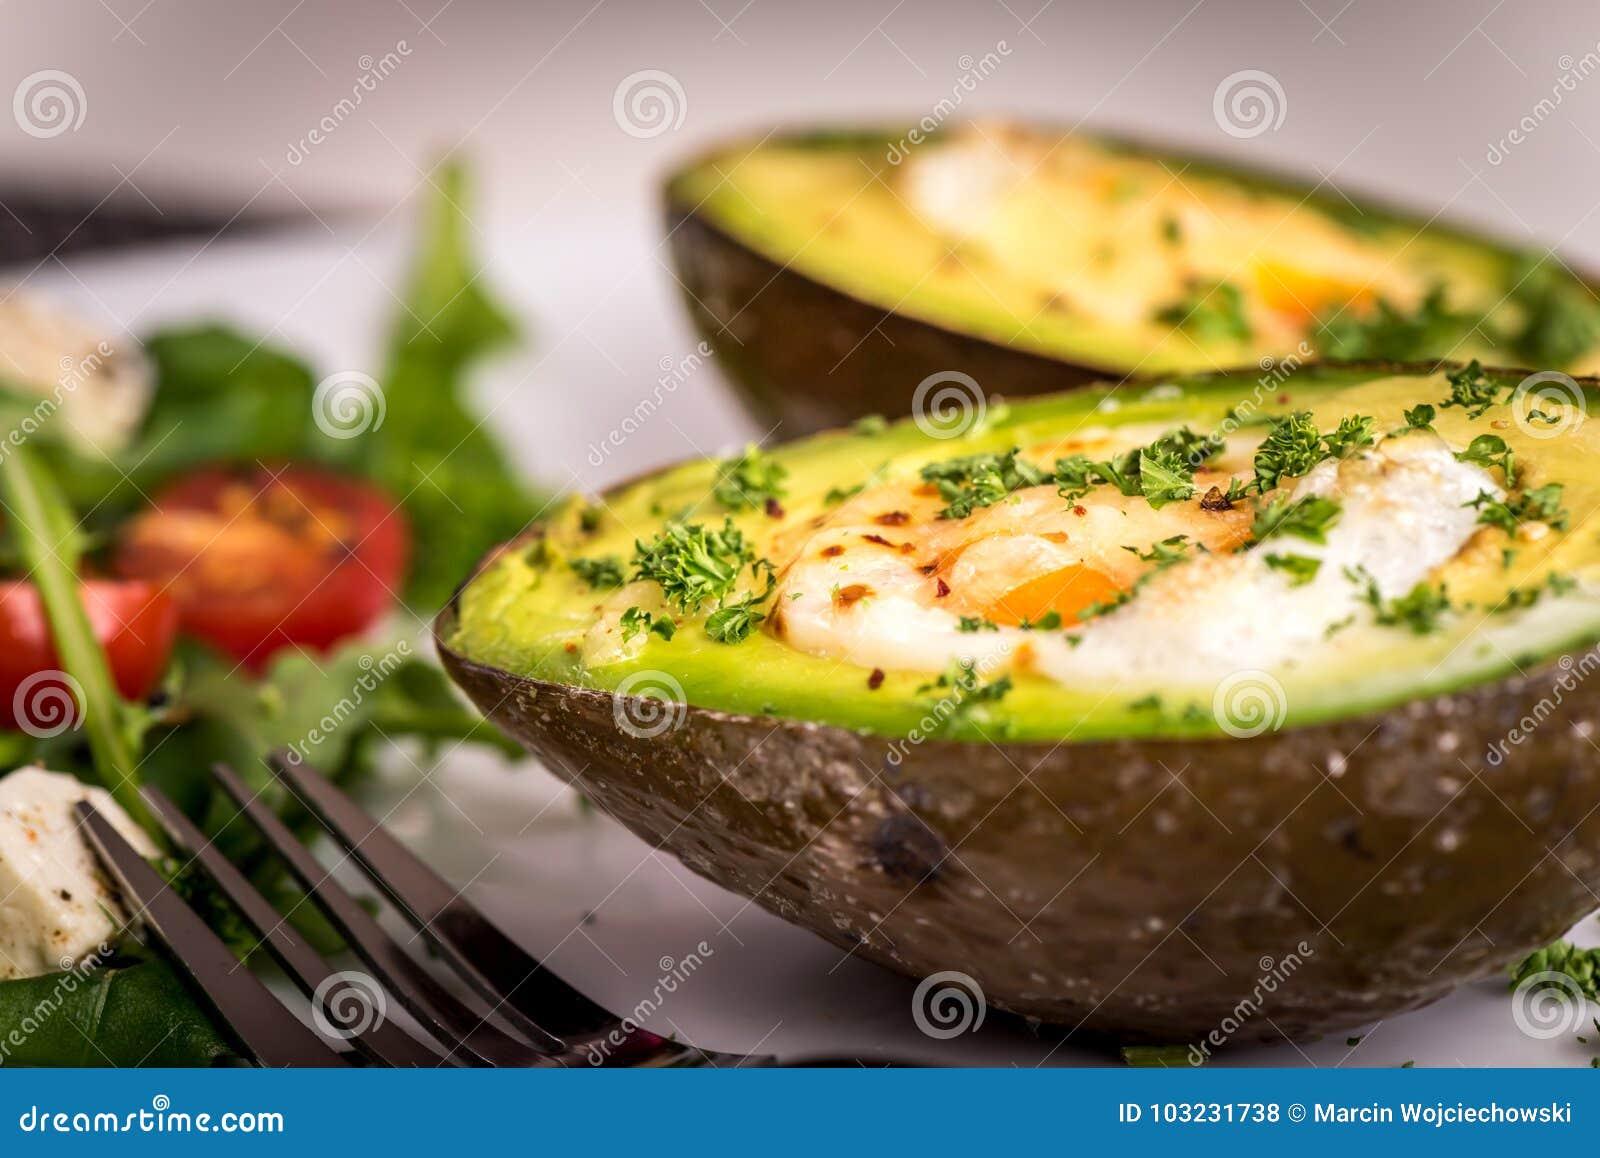 Здоровое блюдо vegan - авокадо испек с яичком и салатом с rucola